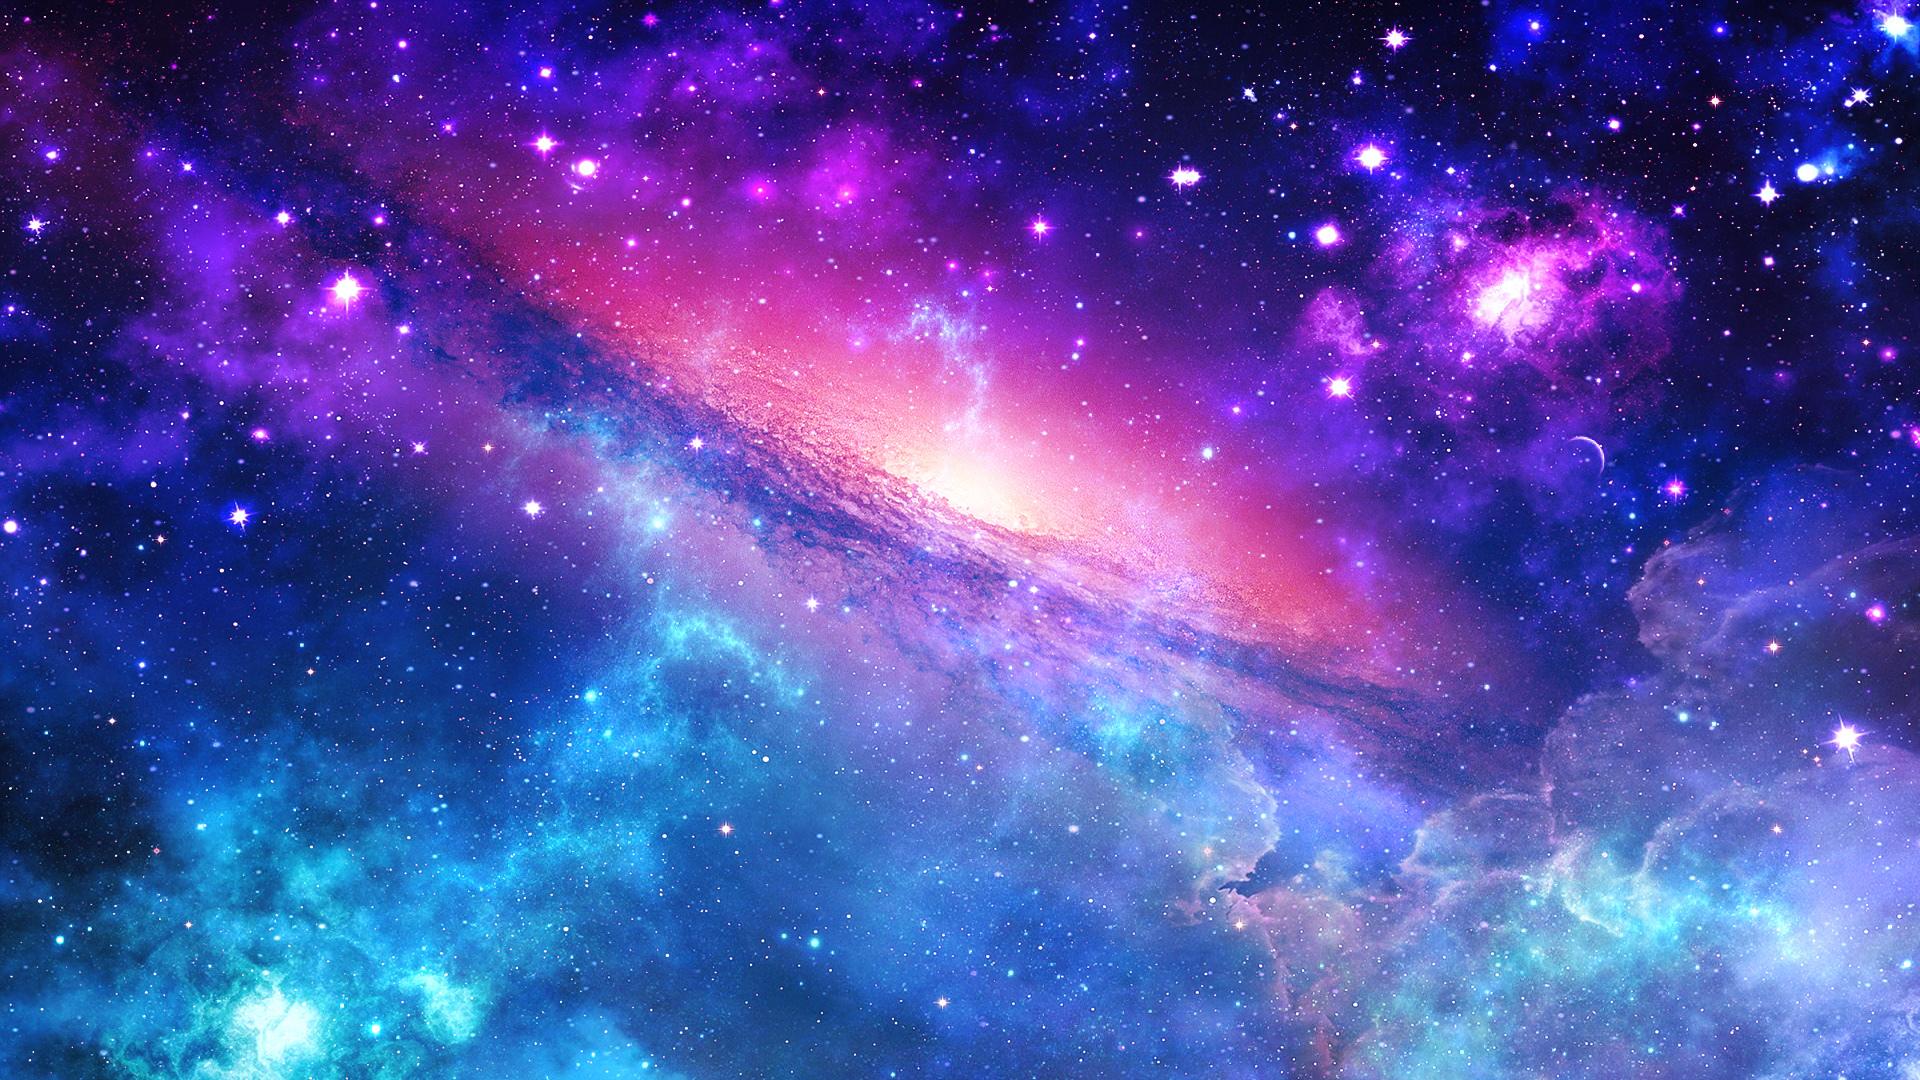 Espace Science Fiction Wallpaper 4 Fond D Ecran Hd